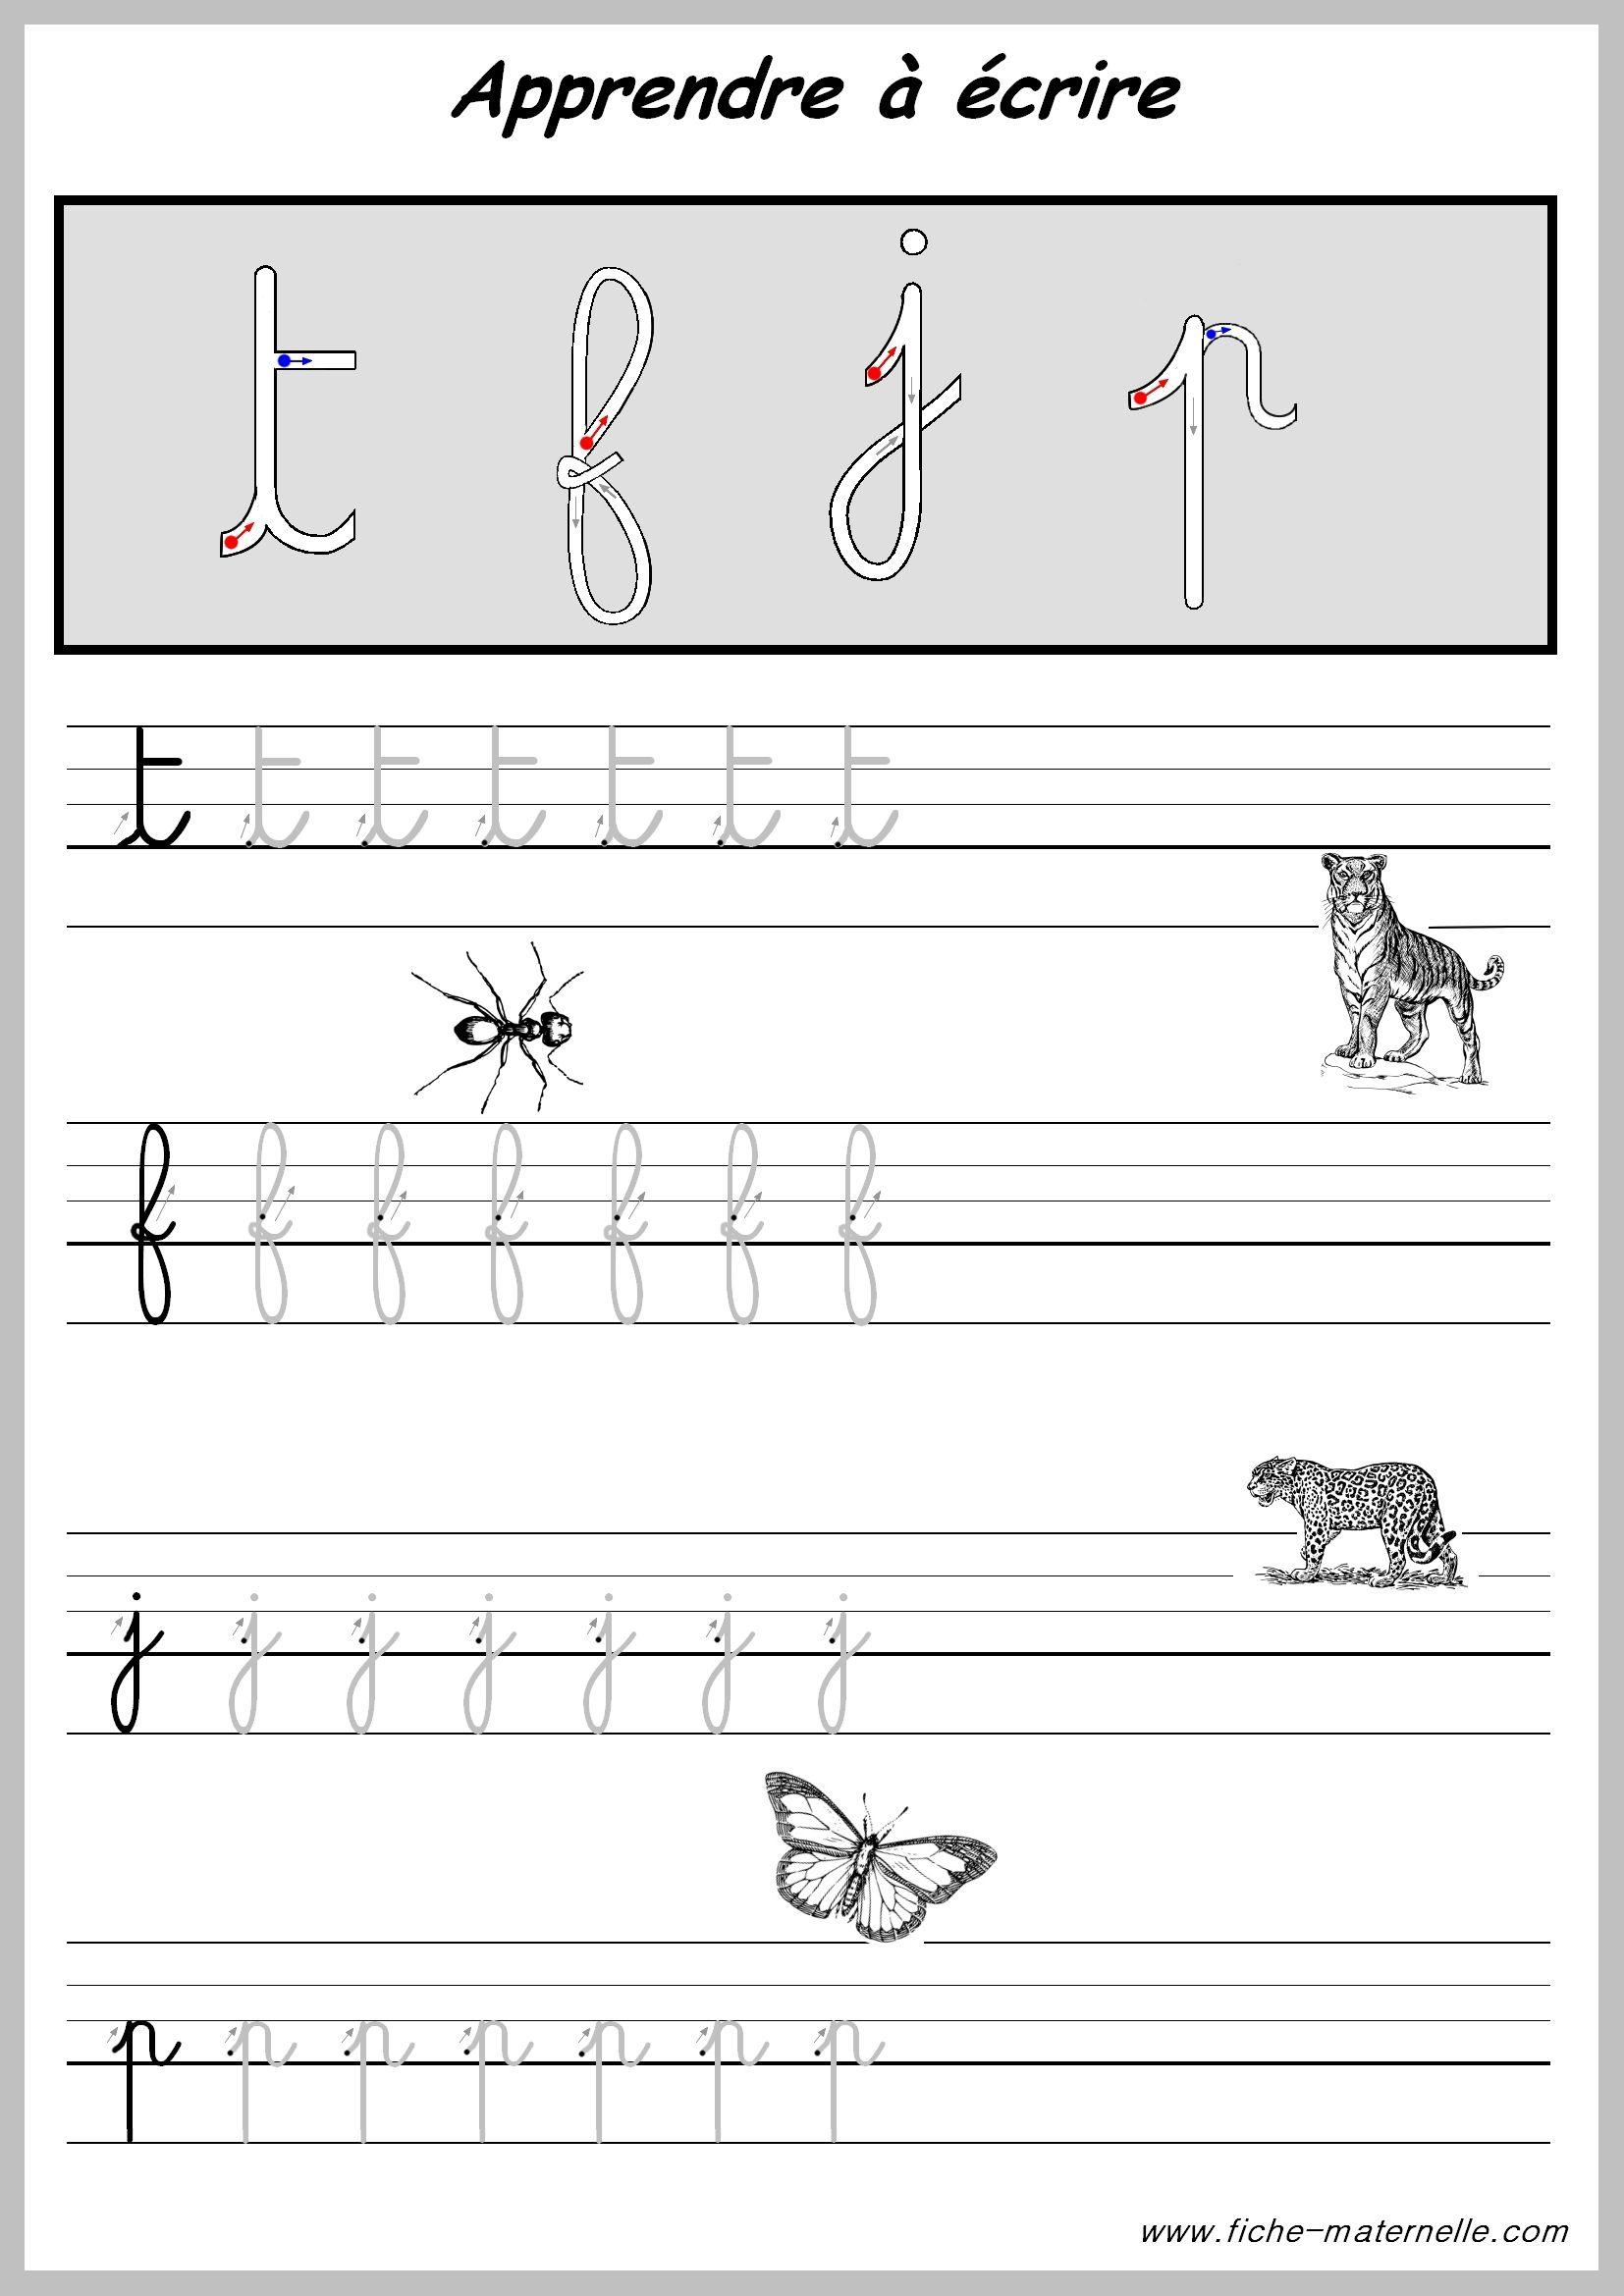 Exercices Pour Apprendre A Ecrire Les Lettres. | Écrire En concernant Apprendre À Écrire Les Lettres En Maternelle